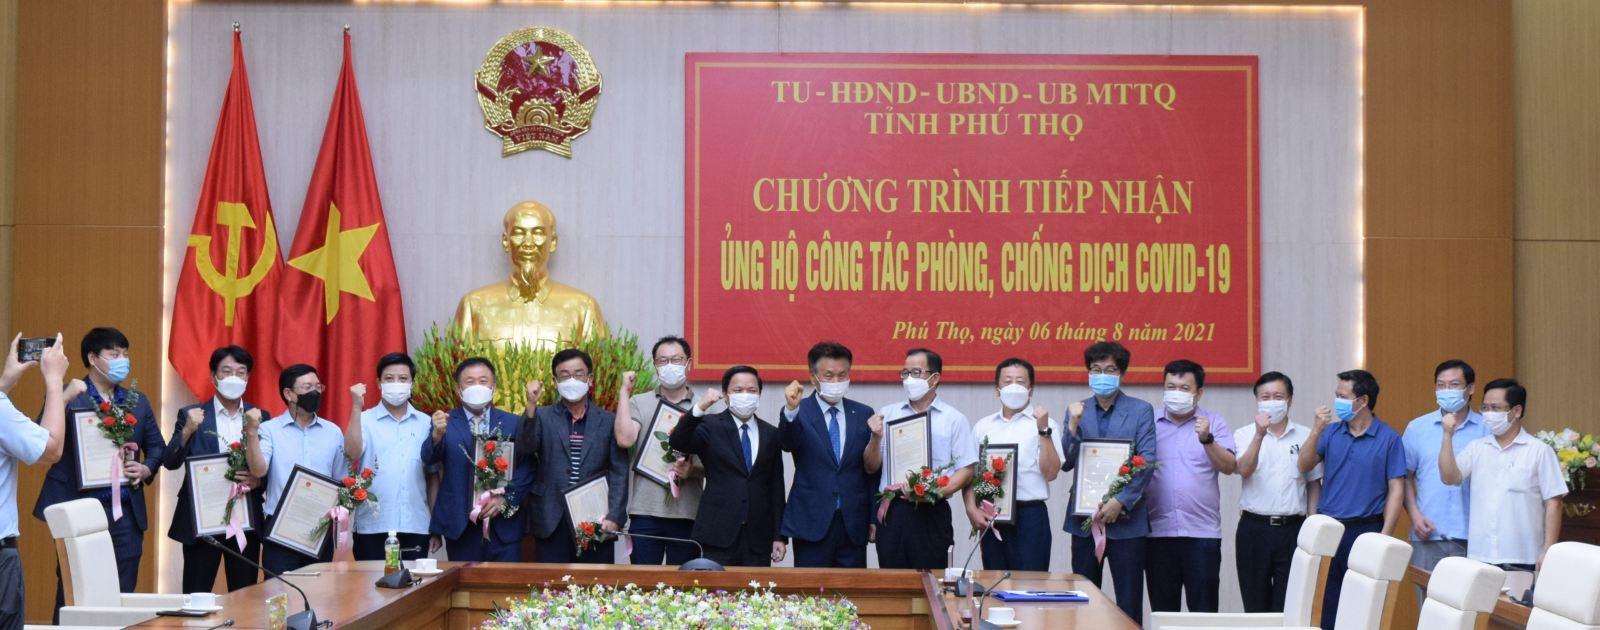 Phó Chủ tịch UBND tỉnh Phan Trọng Tấn tặng hoa và trao thư cảm ơn của Chủ tịch UBND tỉnh cho các doanh nghiệp.